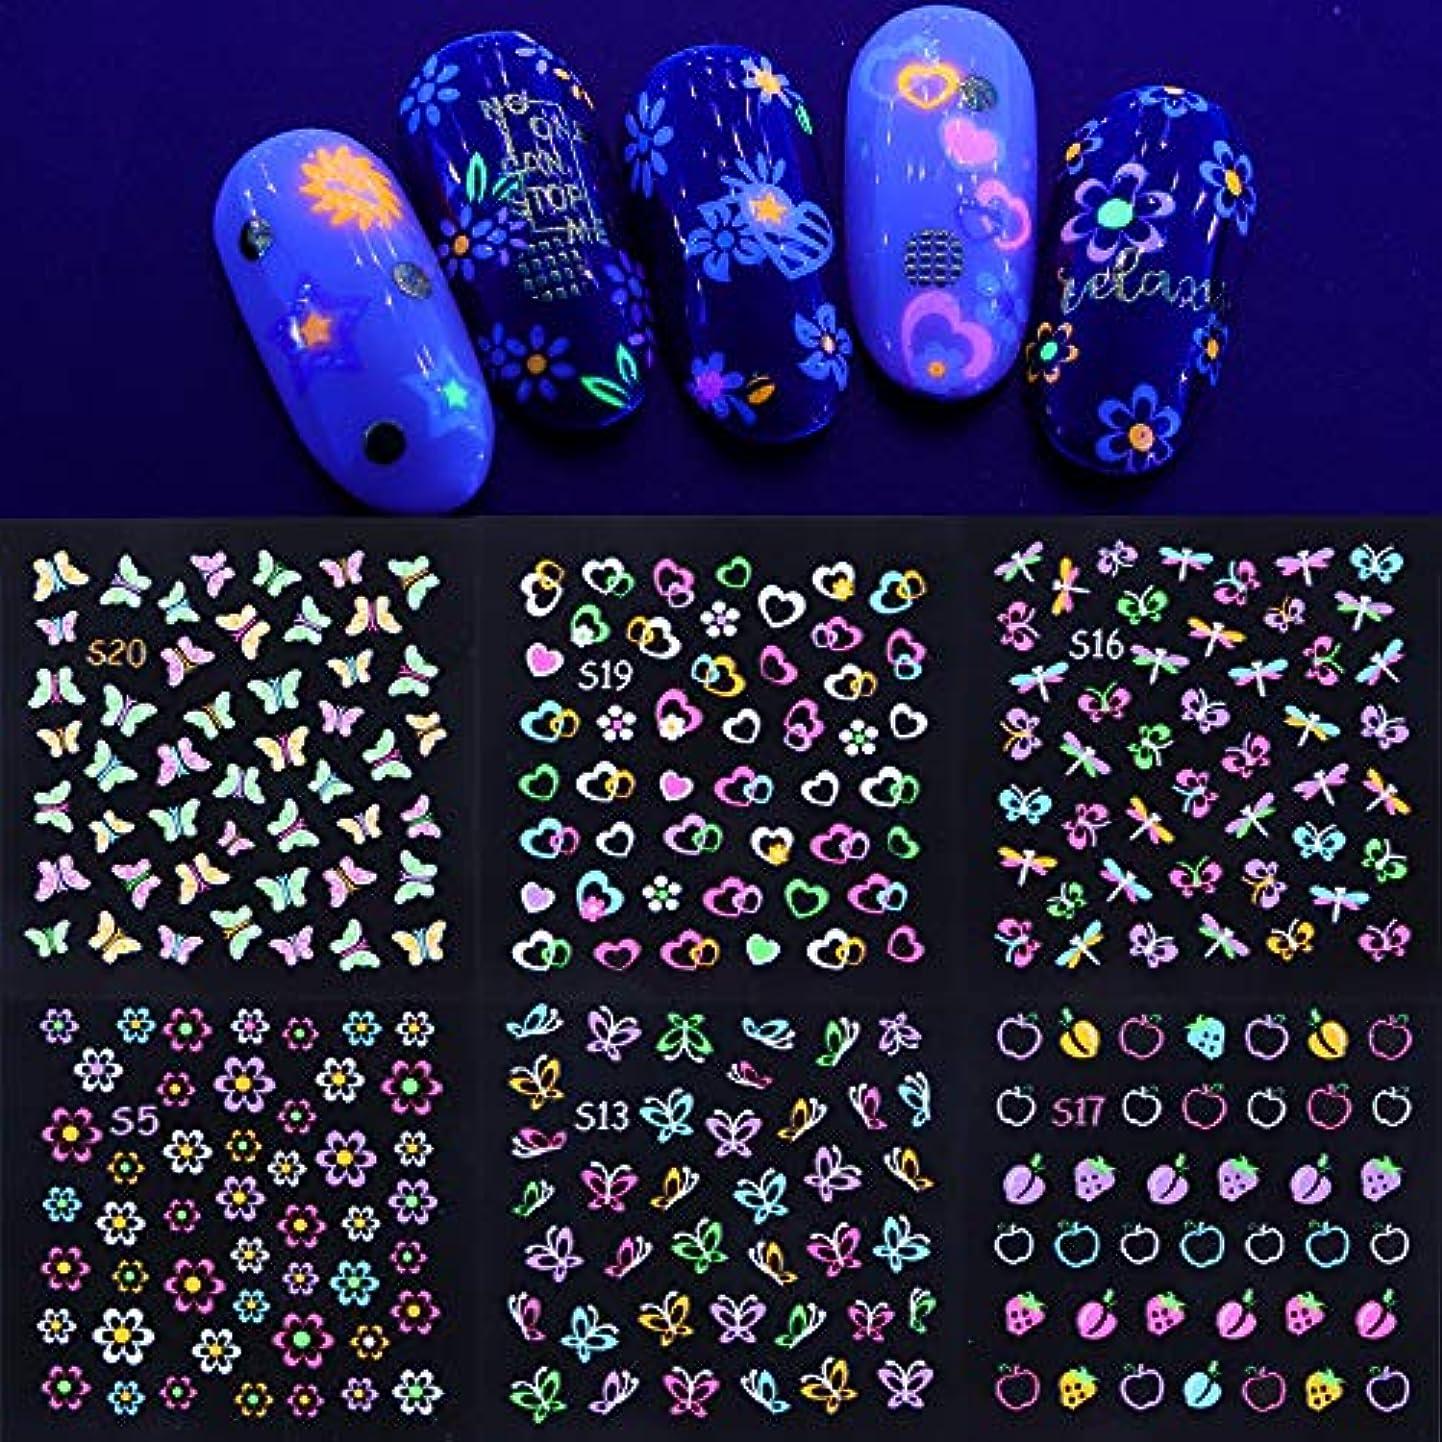 ジョグバスト横に24デザイン発光シリーズ箔ネイルアートステッカー蝶花3DスライダーデカールネイルシールマニキュアデコレーションセットS1-24